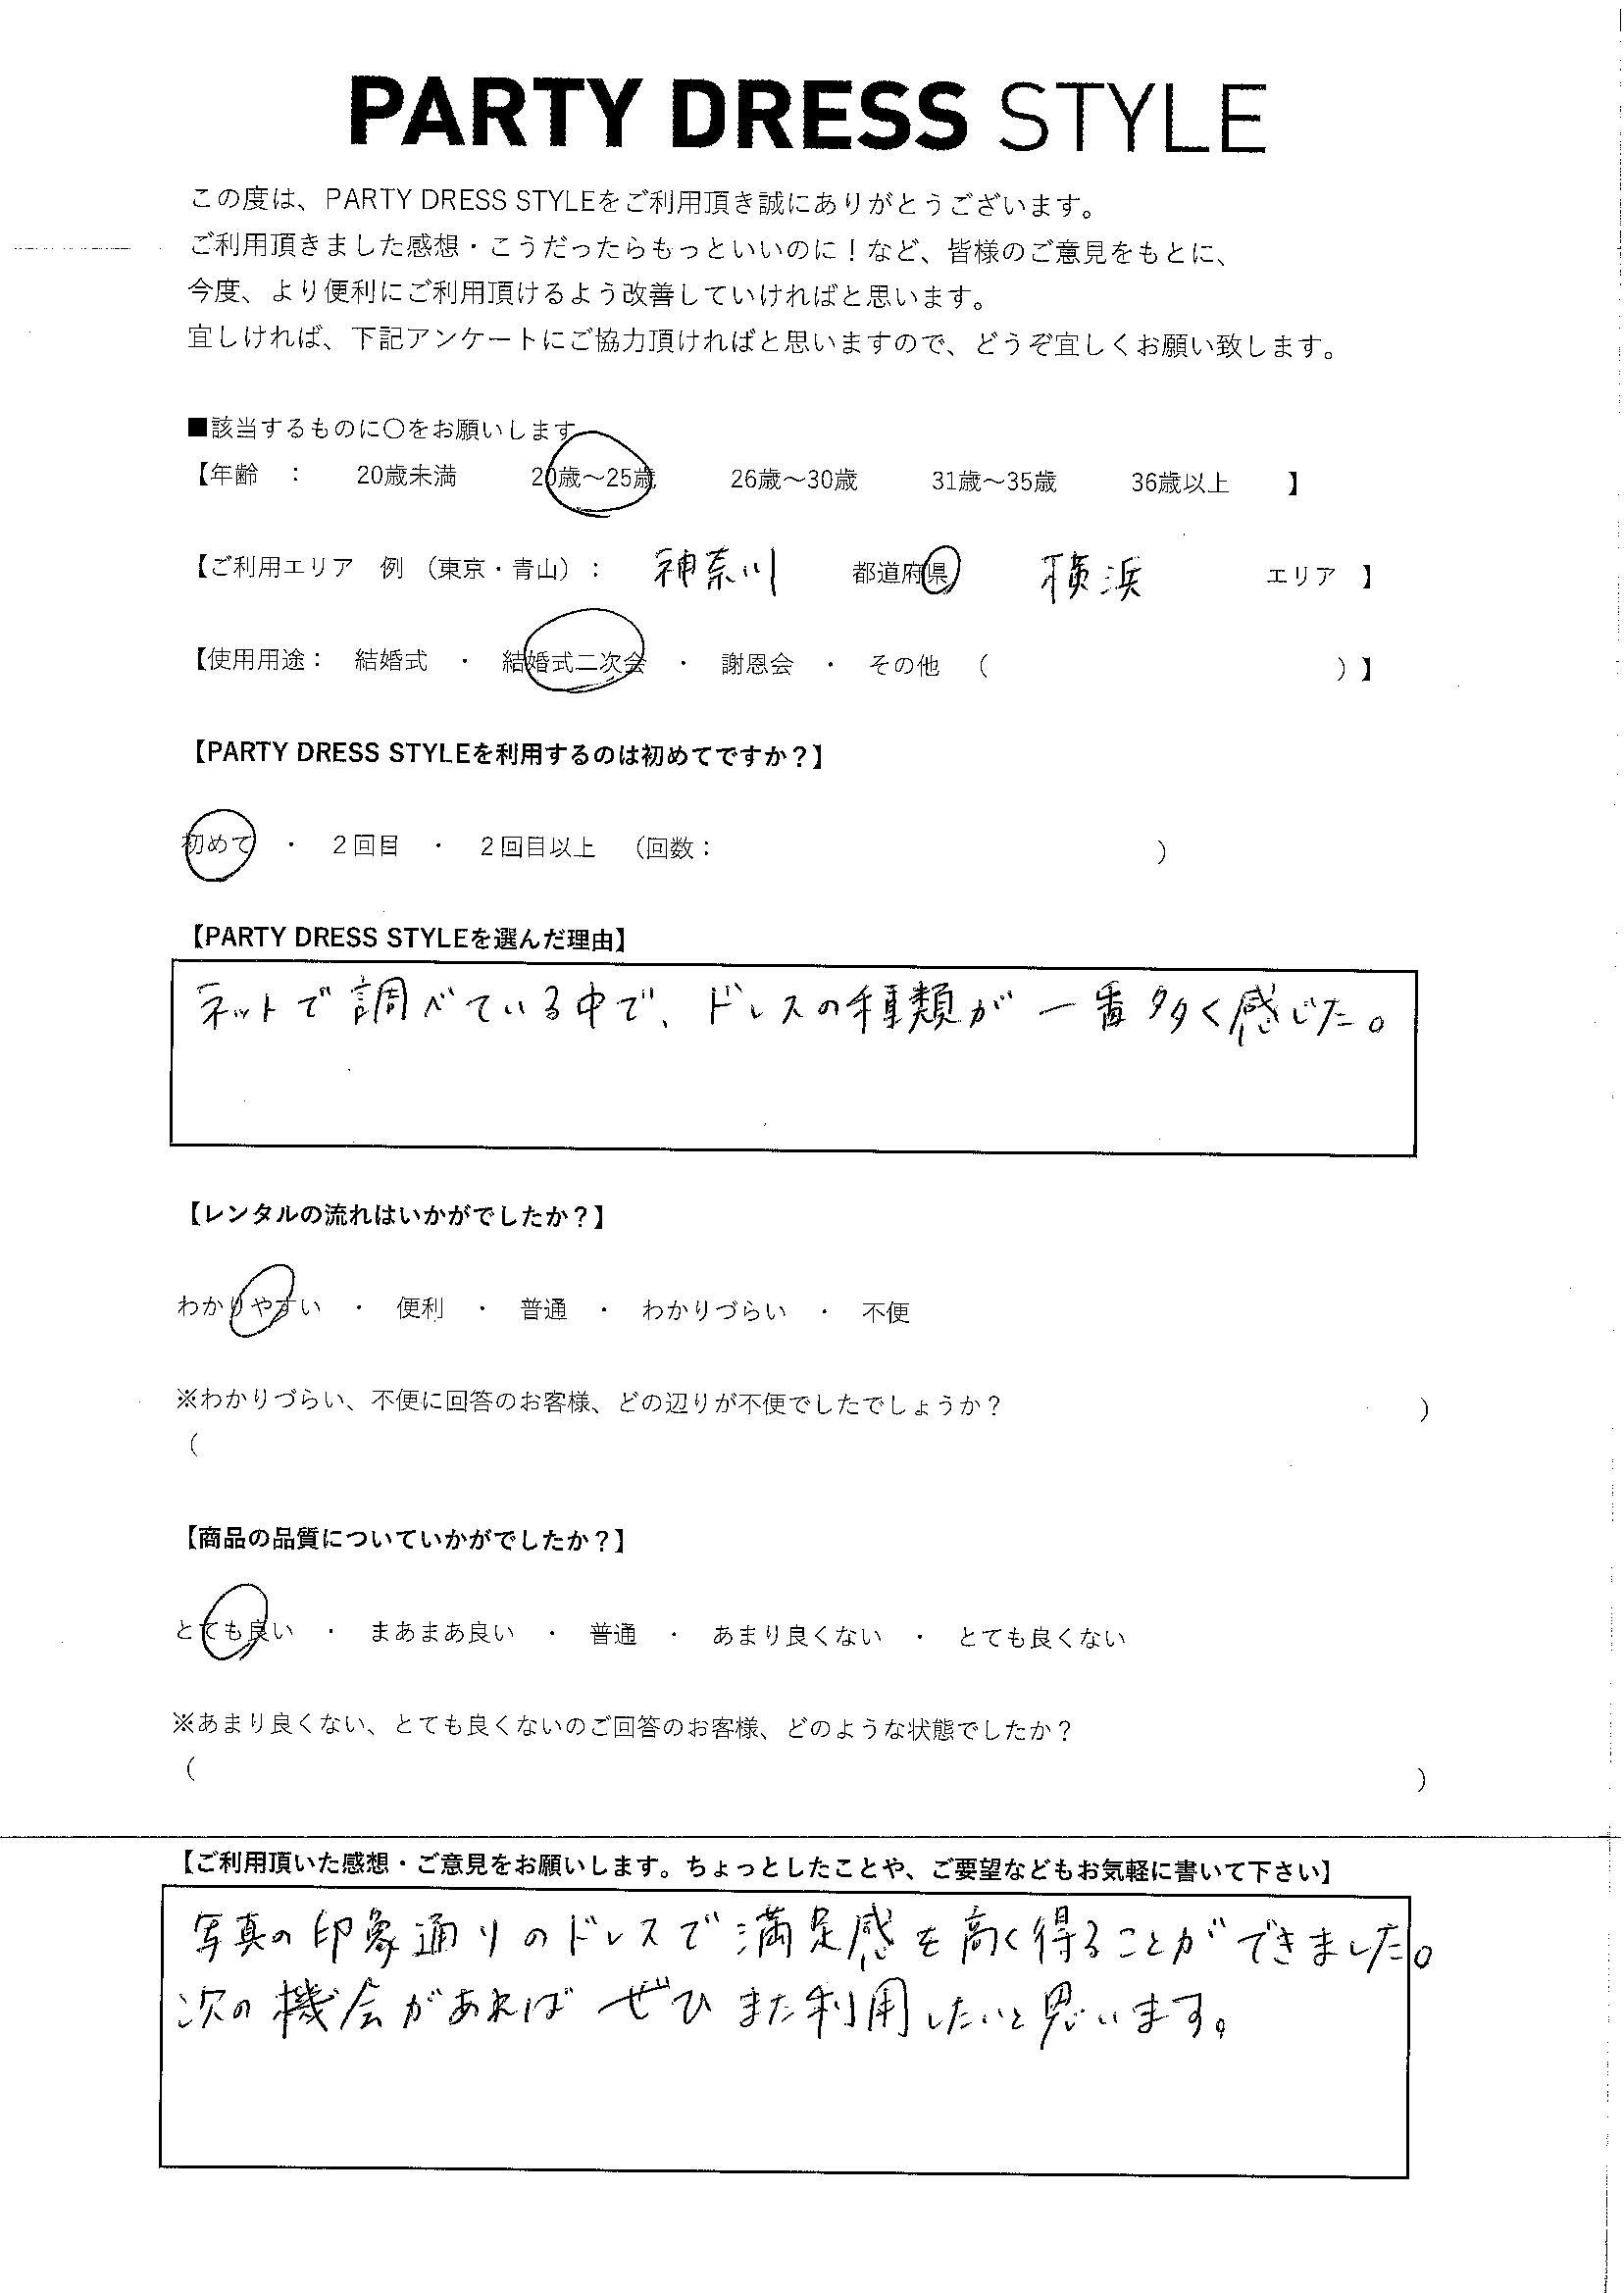 12/14結婚式二次会ご利用 神奈川・横浜エリア